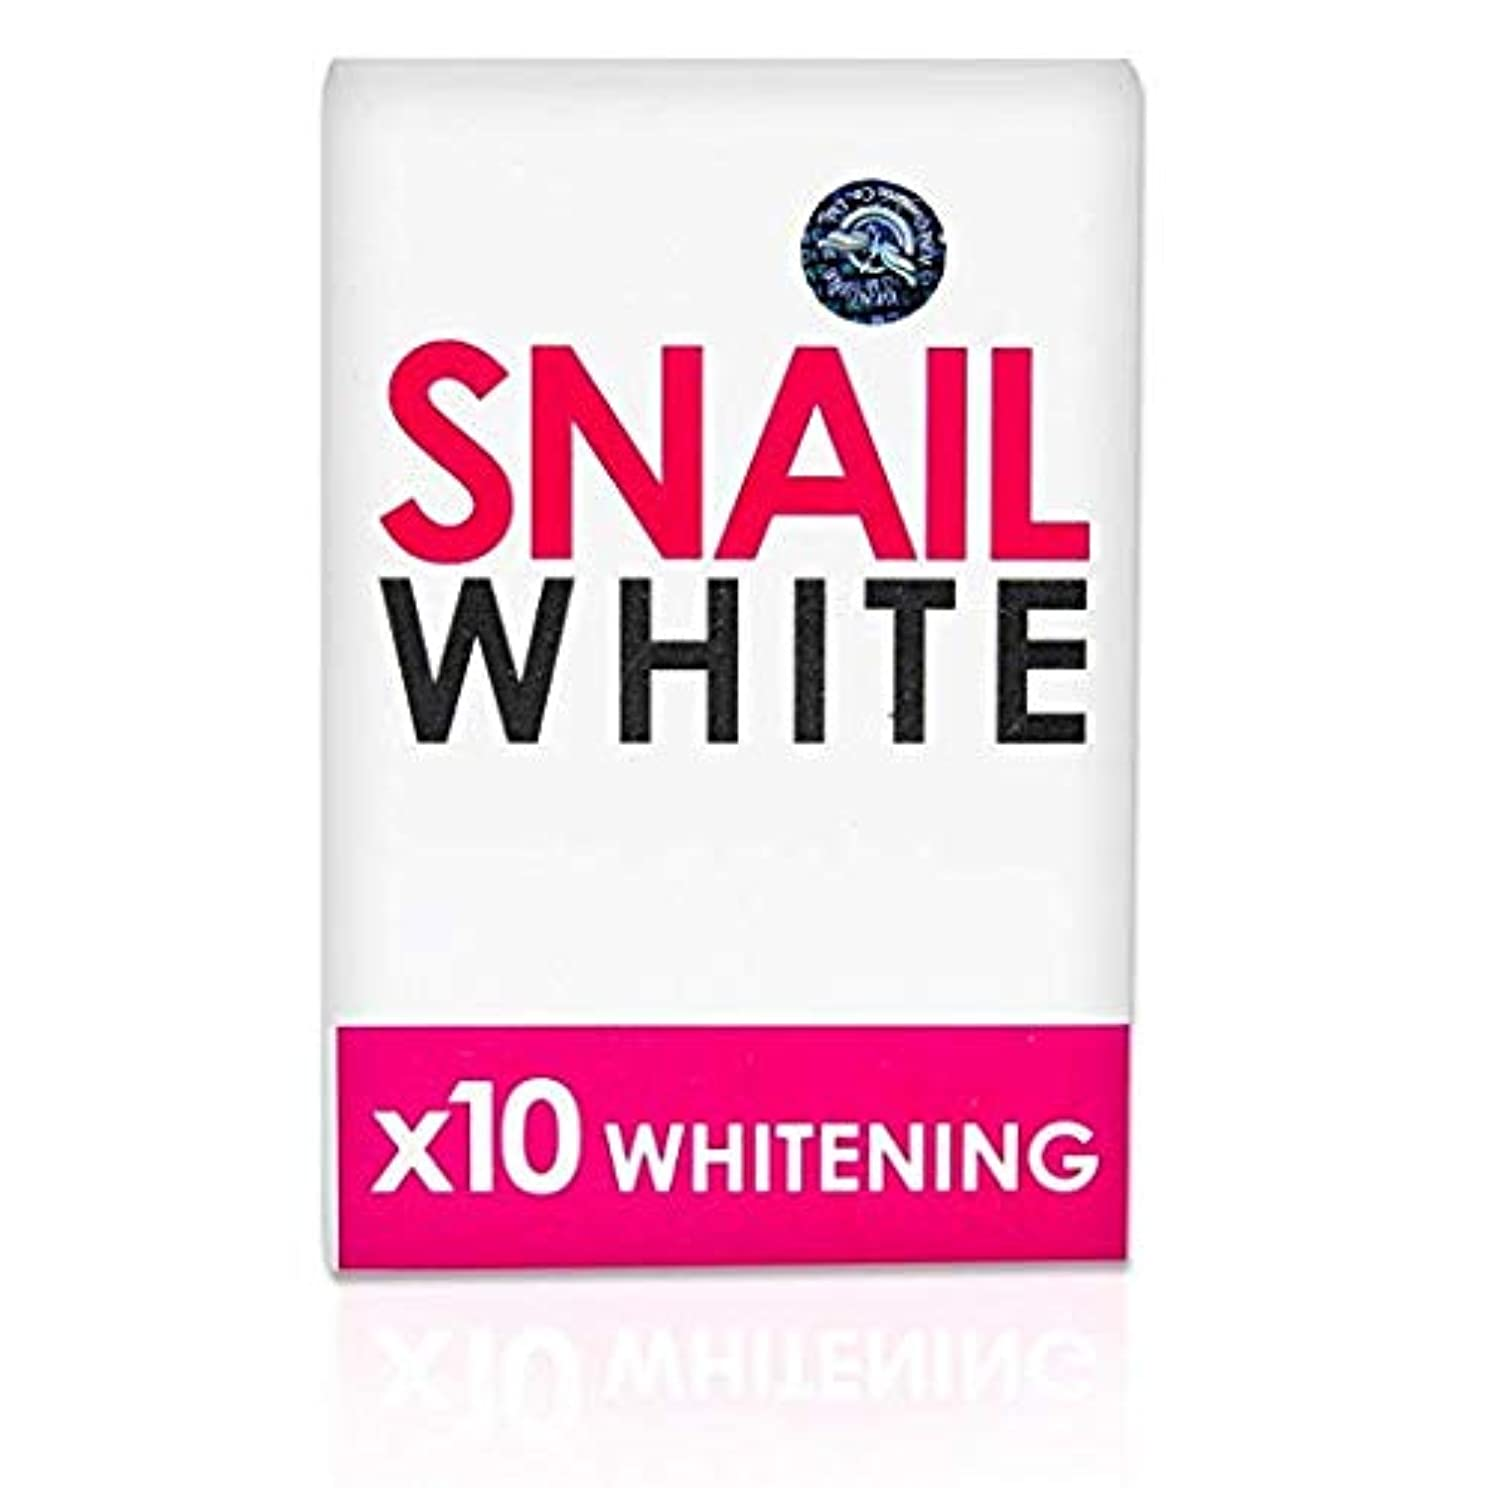 振り子動的無スネイルホワイト Gluta Snail White x10 Whitening by Dream ホワイトニング 固形石鹸 2個